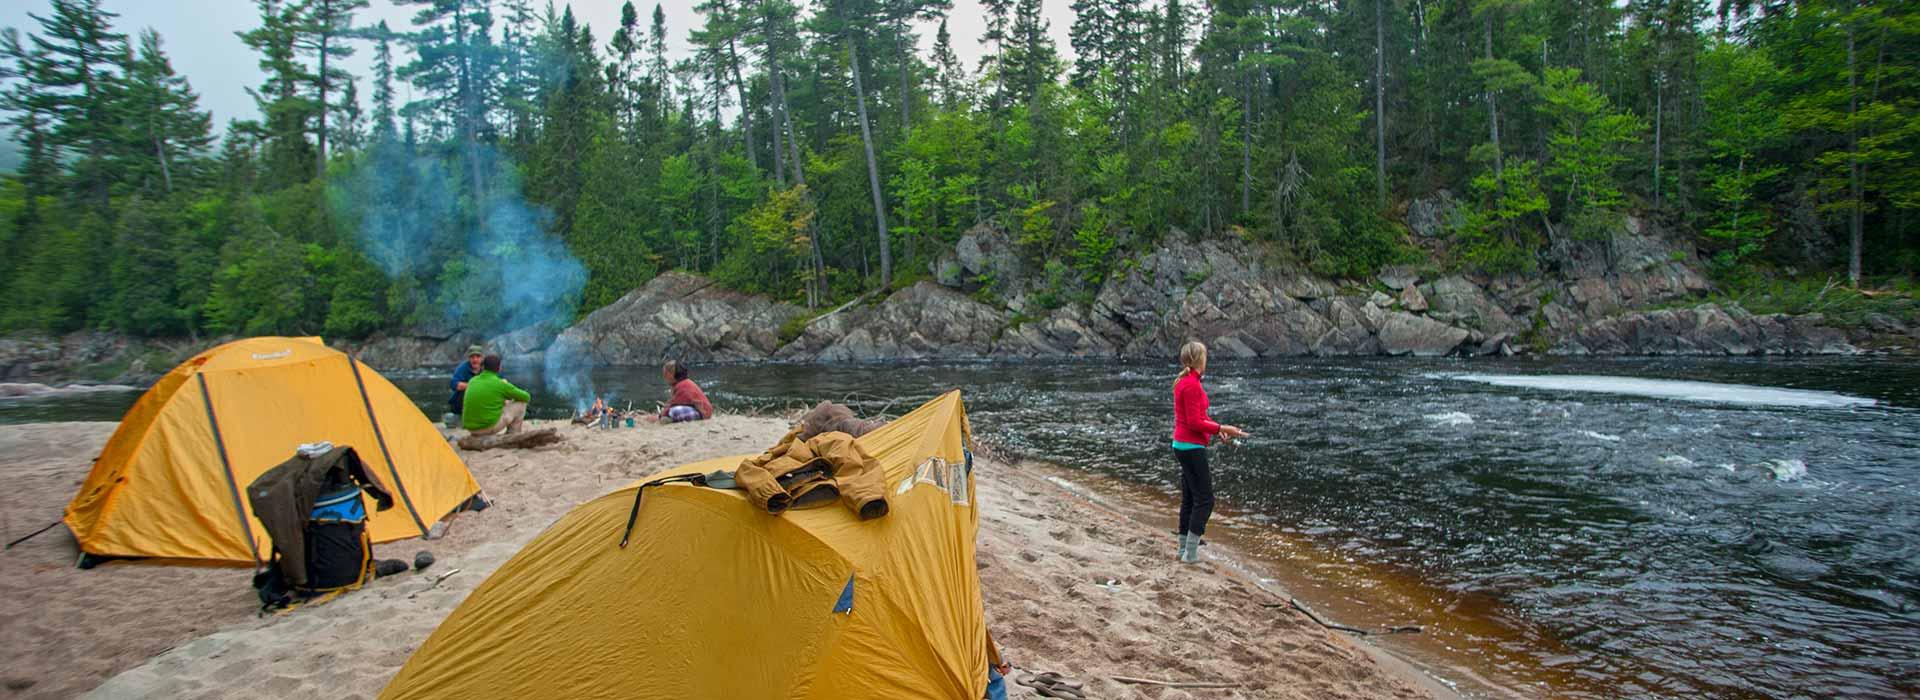 camp-wildlife-header